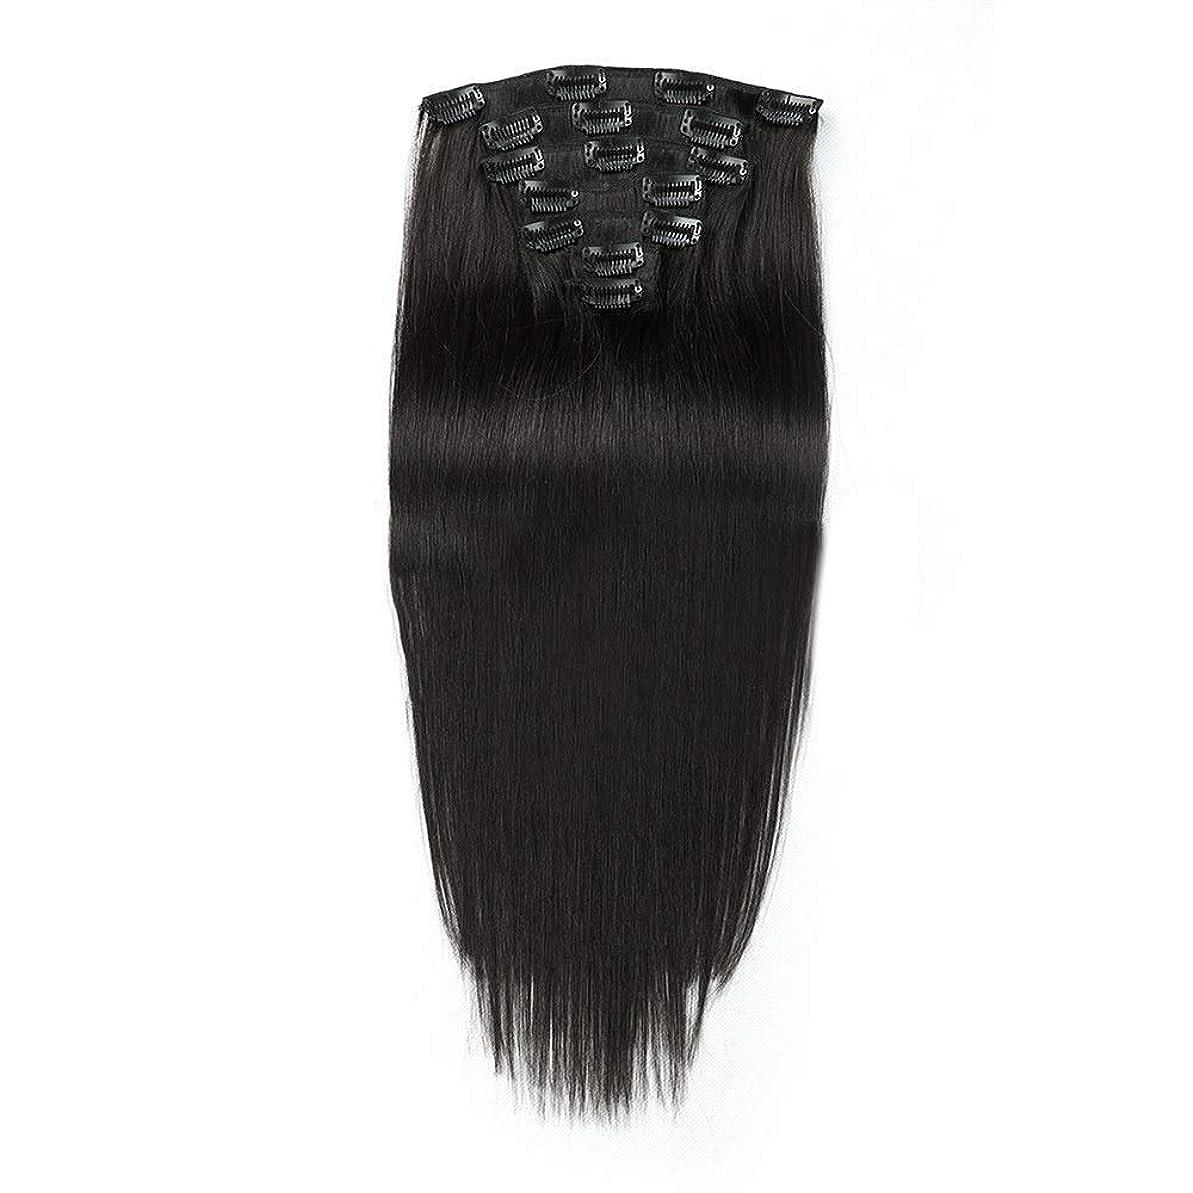 受信機ごめんなさい次へHOHYLLYA 人間の髪の毛の拡張子で14インチクリップ - #1黒7個ロングストレートウィッグ (色 : #1 Black)